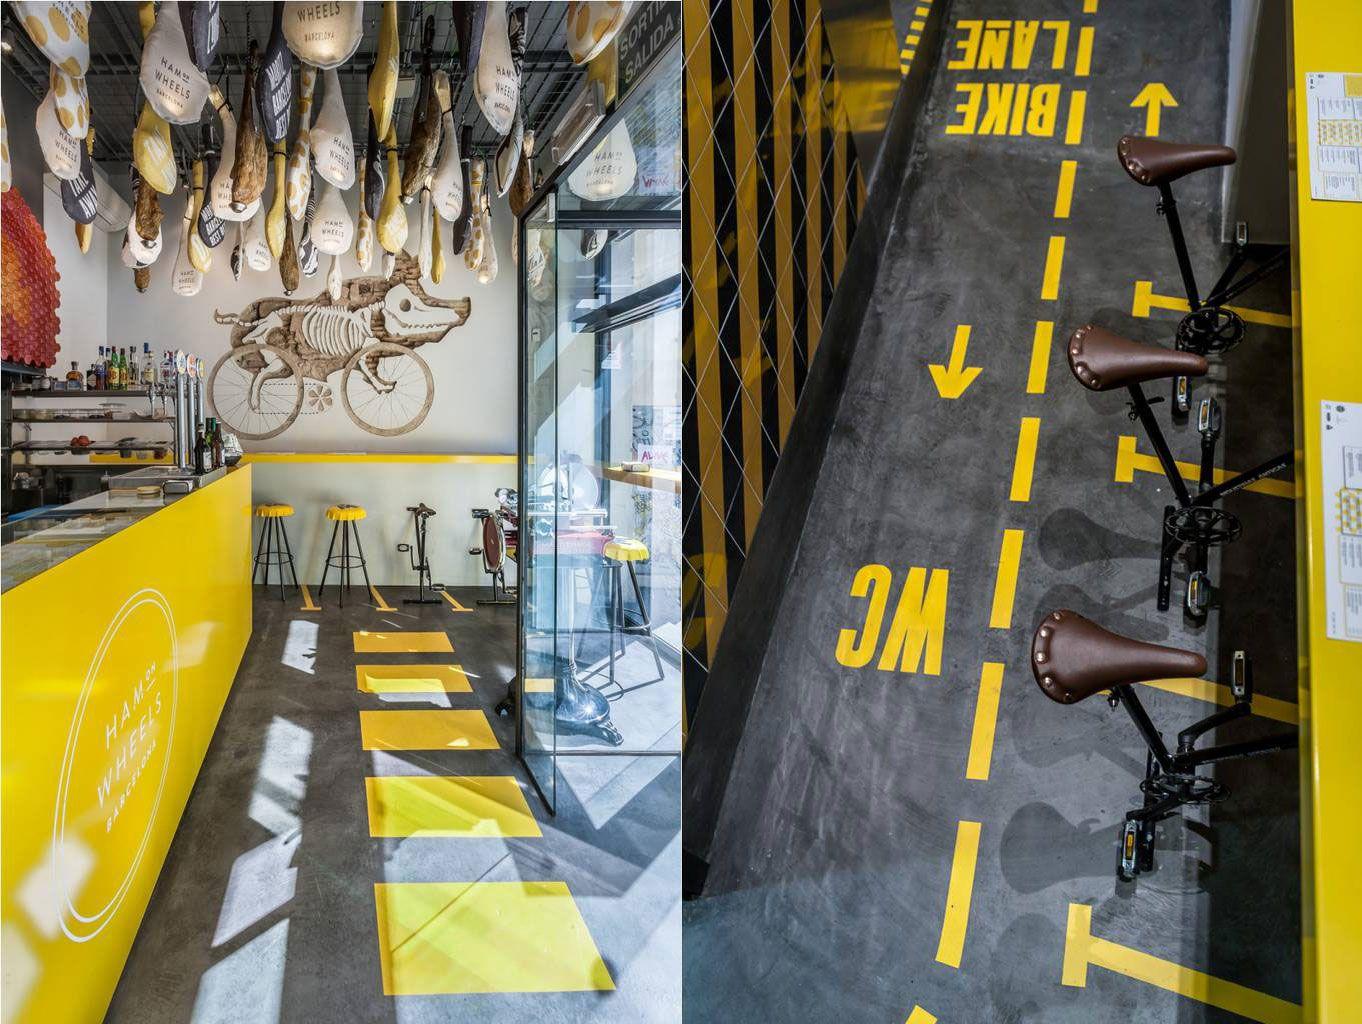 Jamón sobre ruedas, un divertido restaurante en Barcelona | Nice Fucking Graphics!